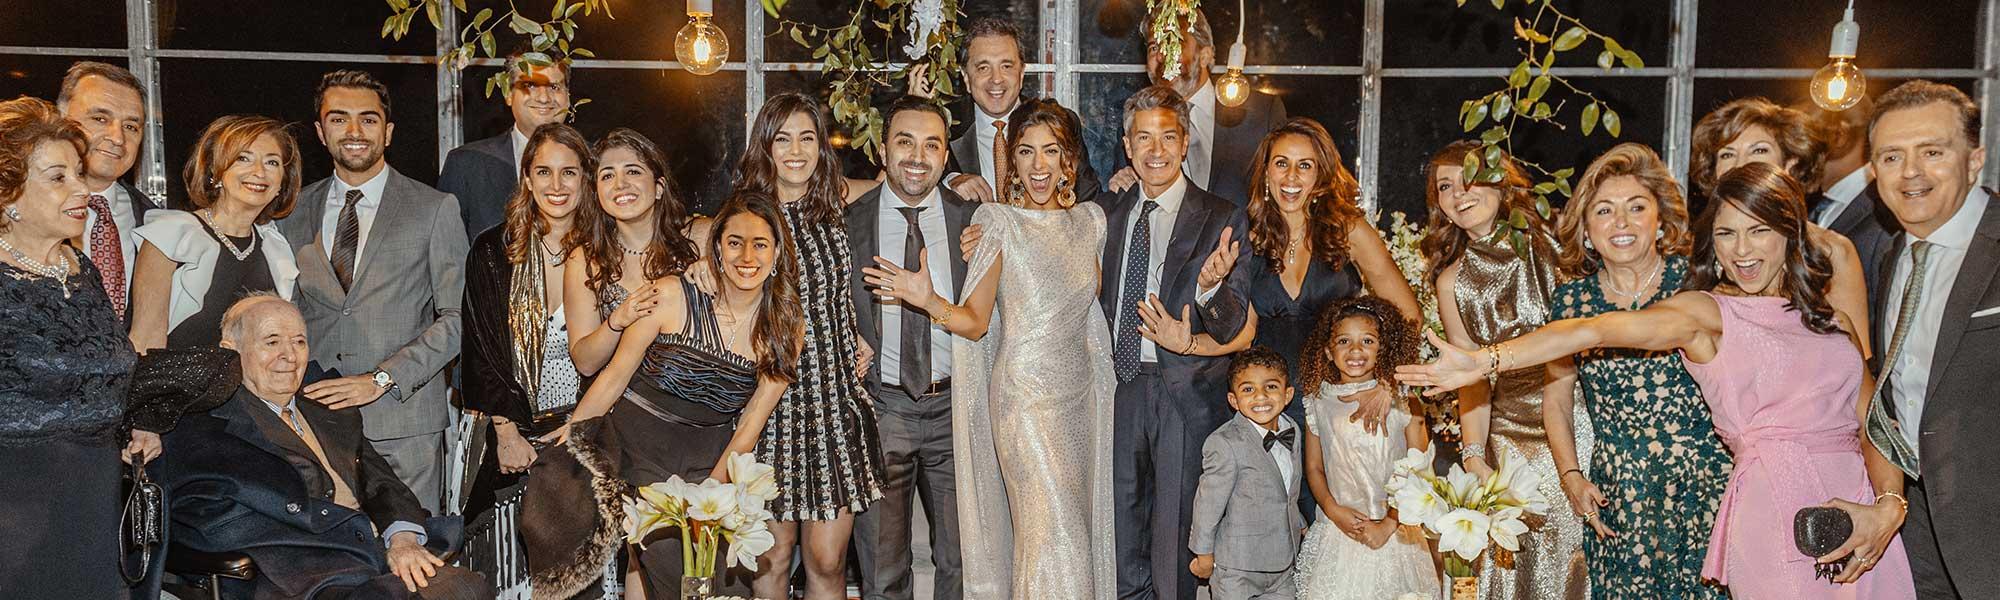 Leila and Marwan Family Photos